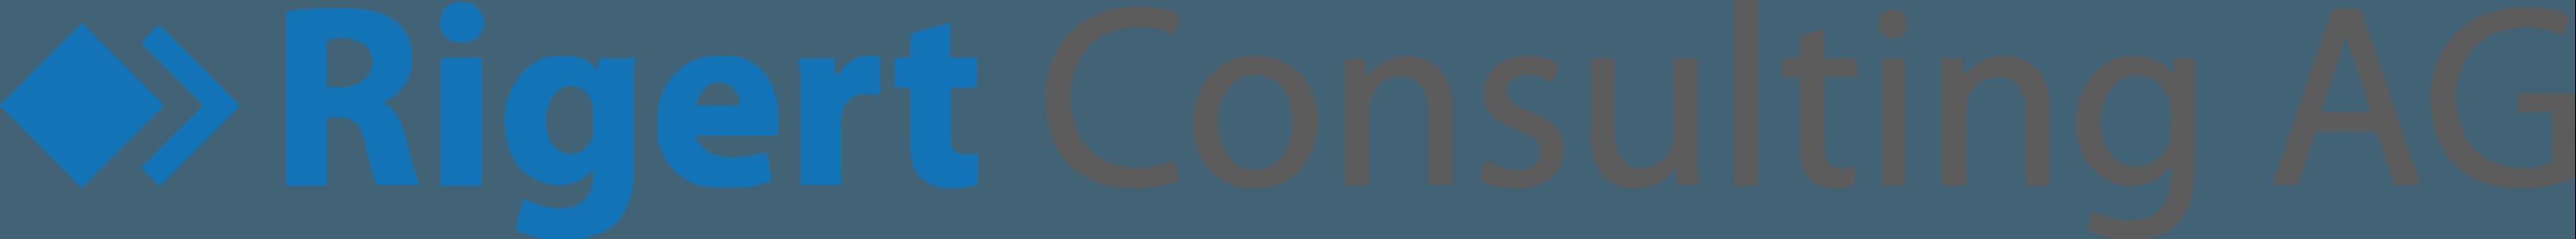 Rigert Consulting Partner Logo